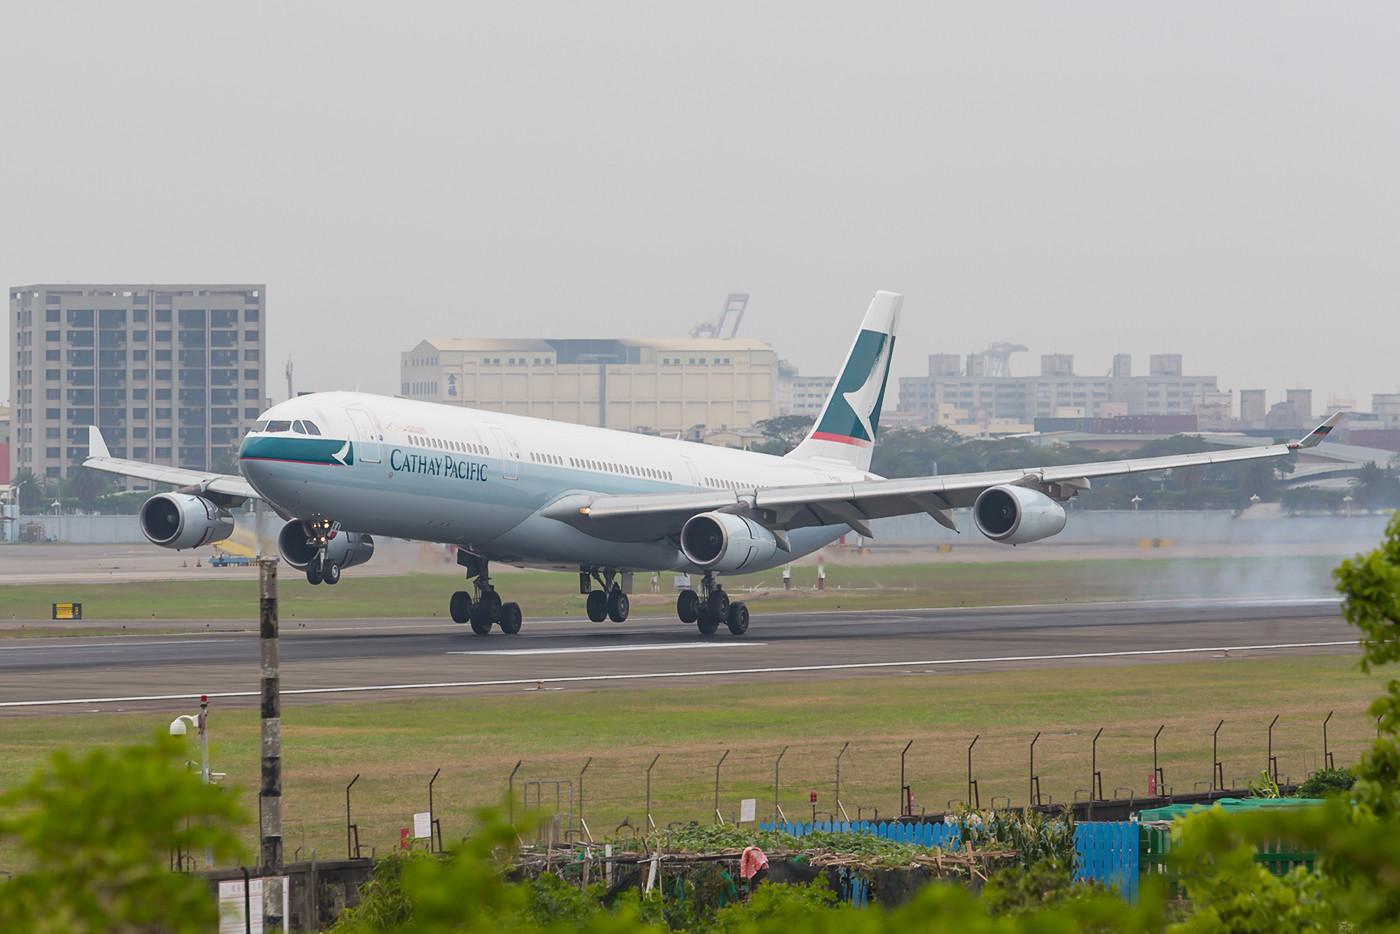 Eigentlich ist der A 340 nicht das typische Flugzeug für regionale Routen. Doch bei den in Asien typischen Passagierzahlen muß auch mal Großgerät für die Kurzstrecke herhalten.